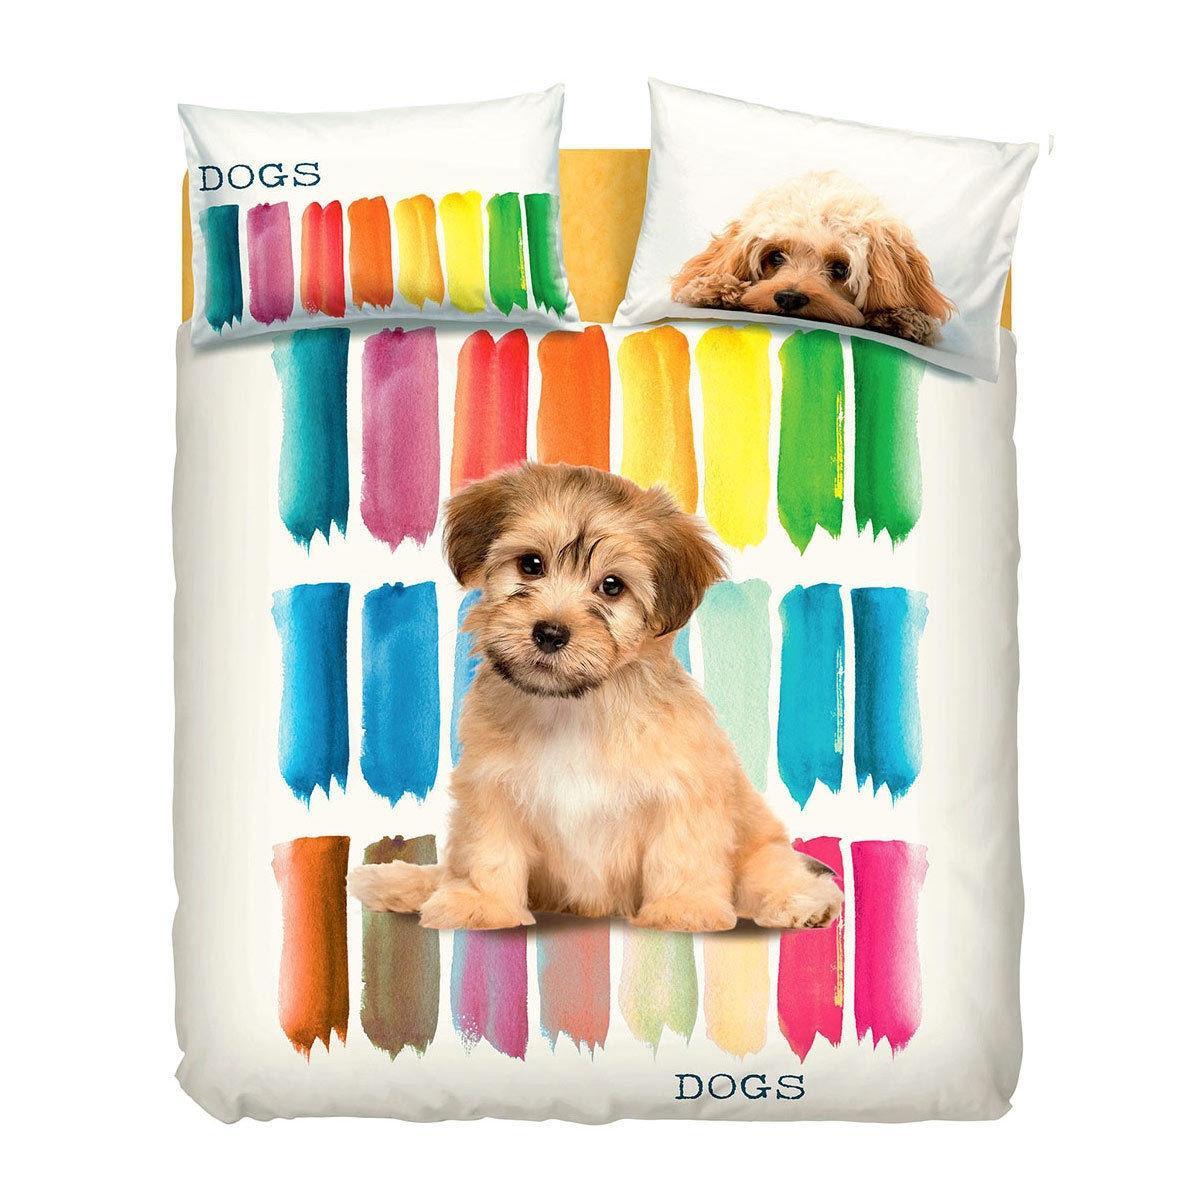 Copripiumino Matrimoniale Bassetti New York.Completo Copripiumino Bassetti Matrimoniale Color Dogs